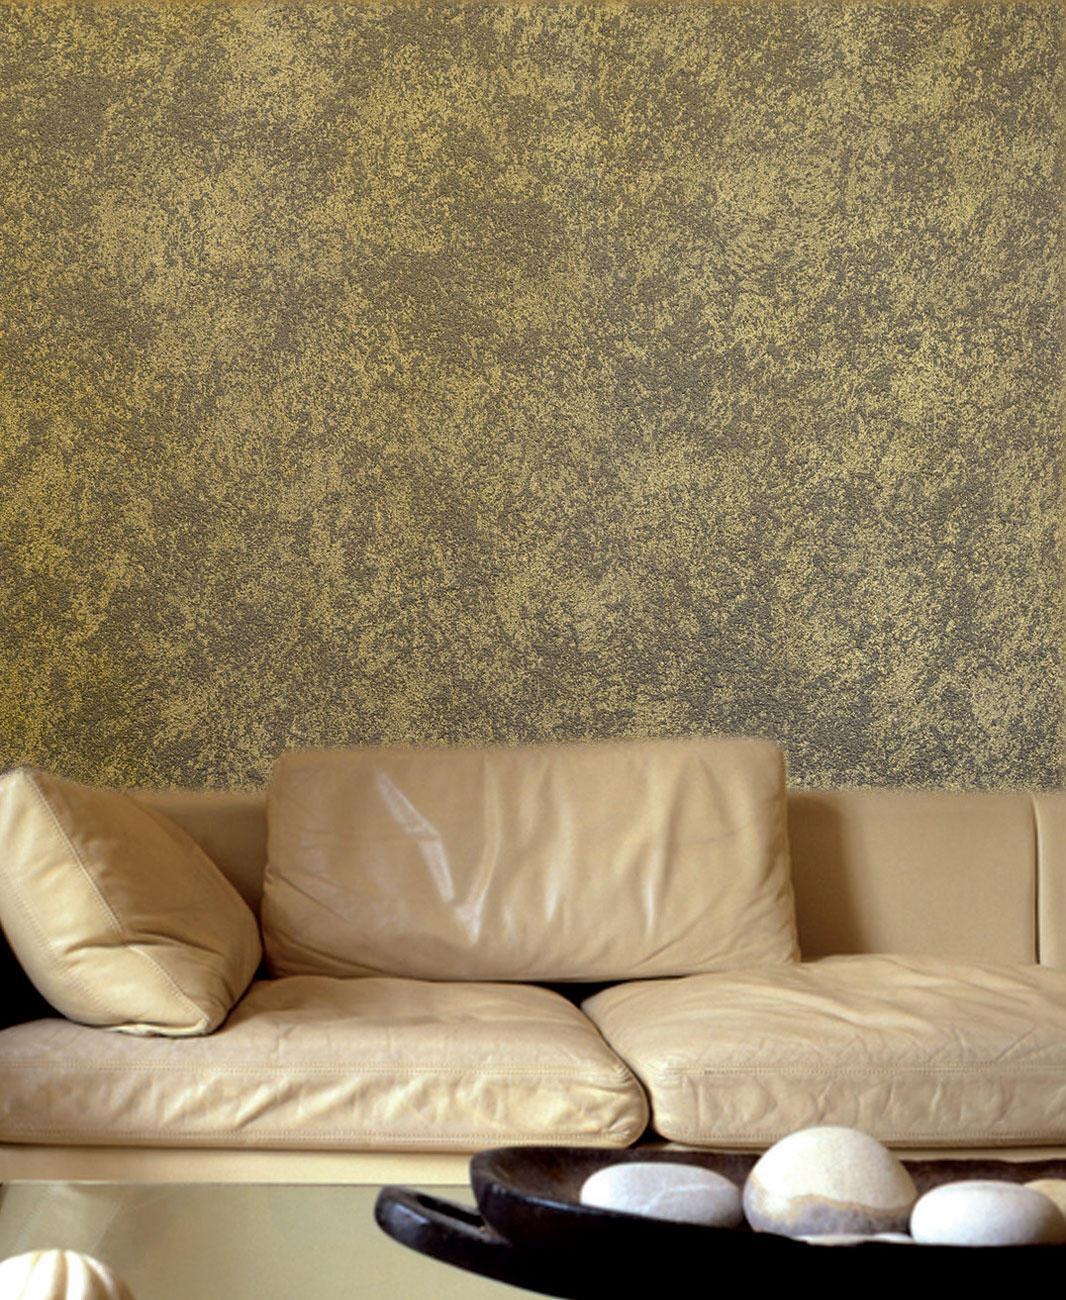 Обучение декоративные краски для стен селиконовая мастика